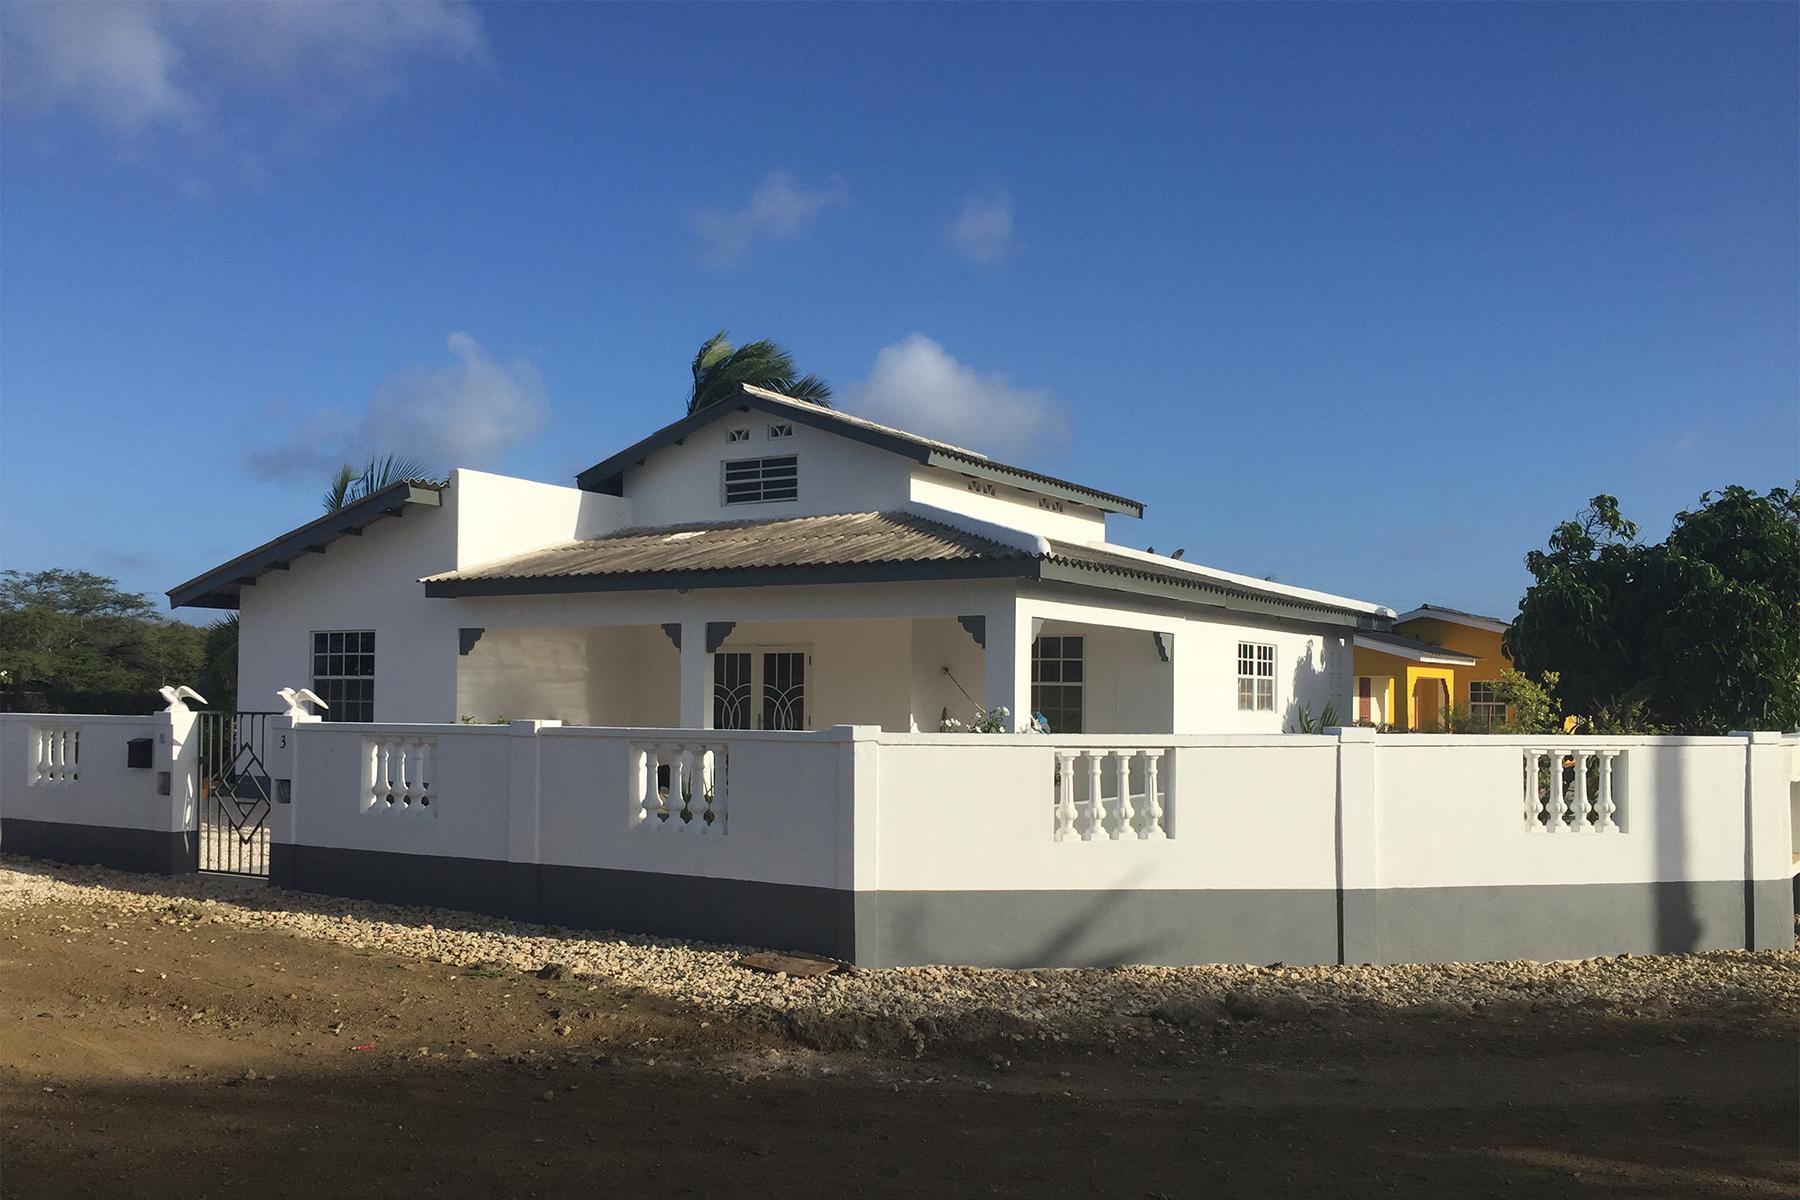 Single Family Home for Sale at Kas Susana Kralendijk, Bonaire